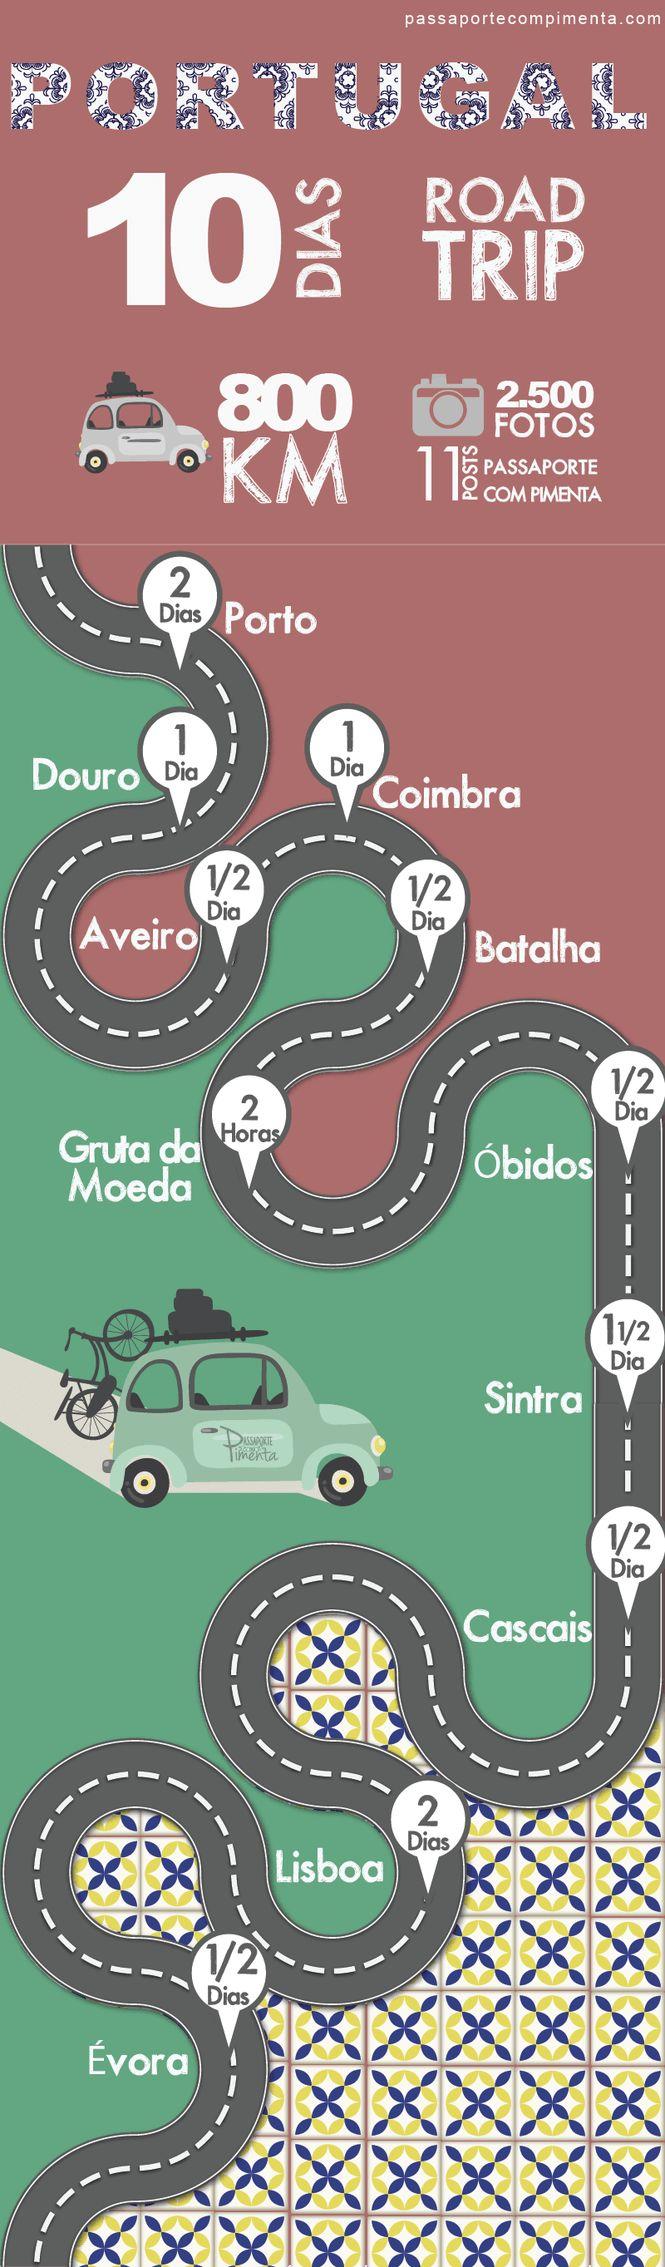 Road Trip por Portugal? Descubra os melhores destinos com dicas completas de cada parada. Incluindo uma viagem gastronômica por Lisboa.